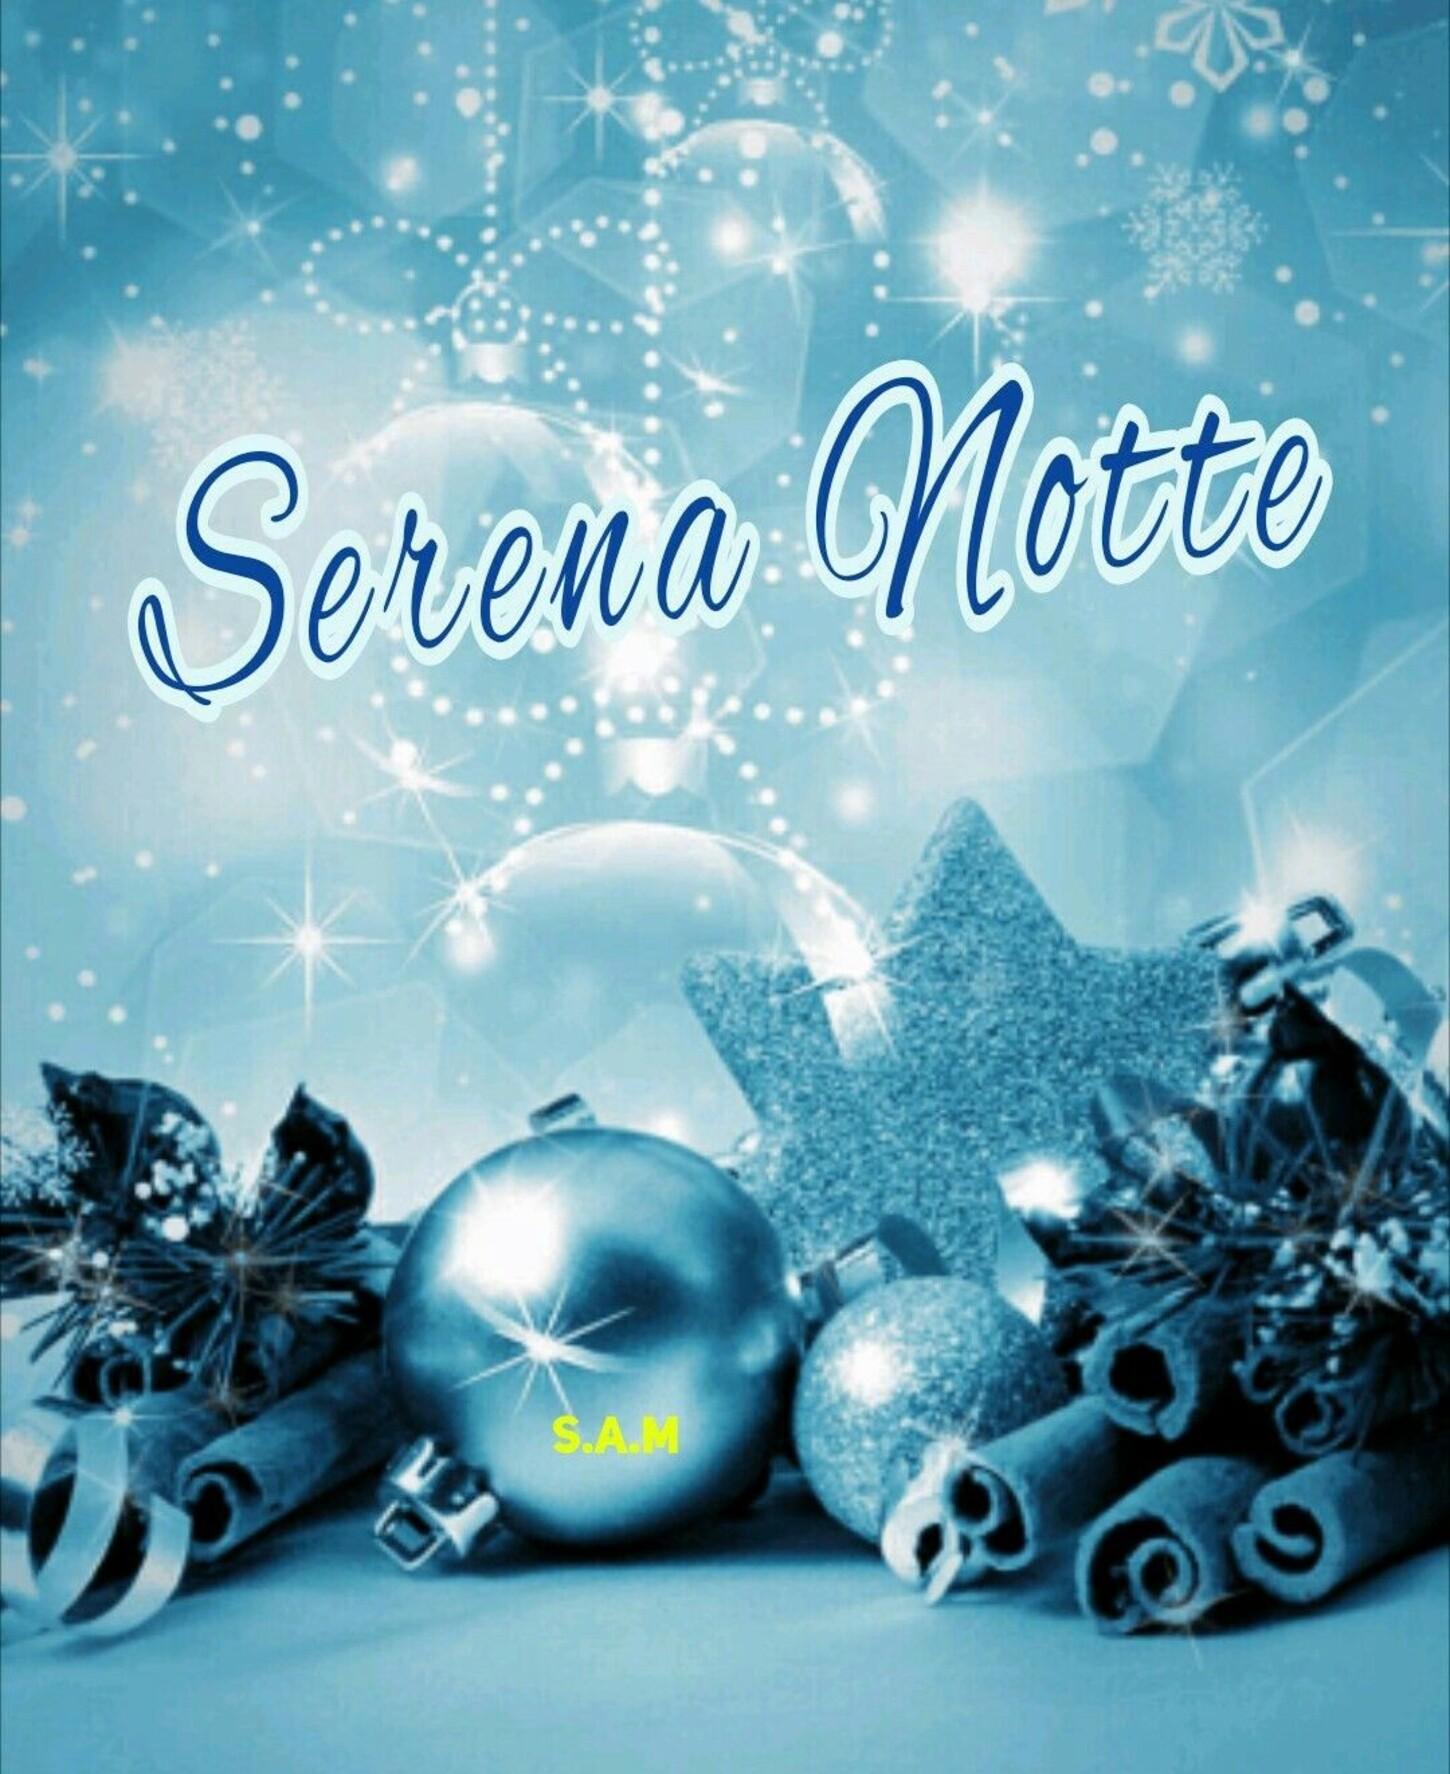 Serena Notte immagini per Natale